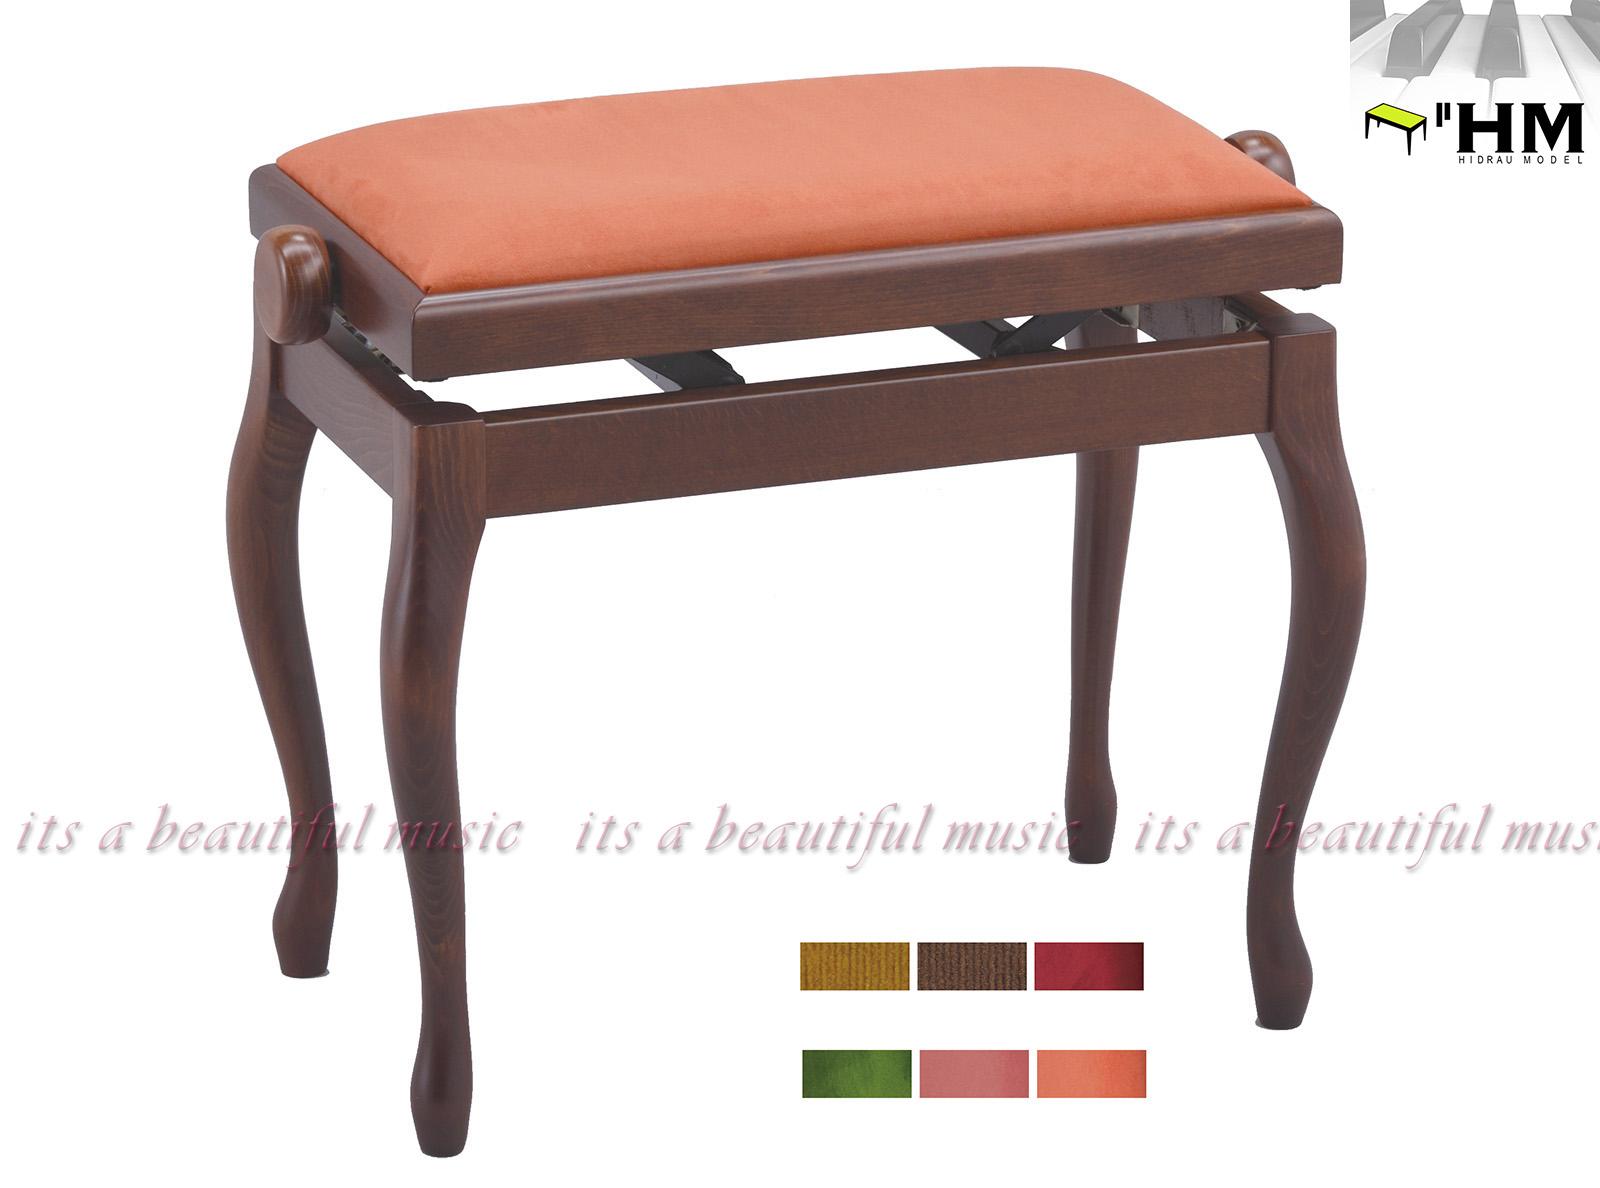 【its】スペイン/HIDRAU社 高級輸入ピアノ椅子 BG-2(艶消しウォルナット調)※座面が6色から選べます!